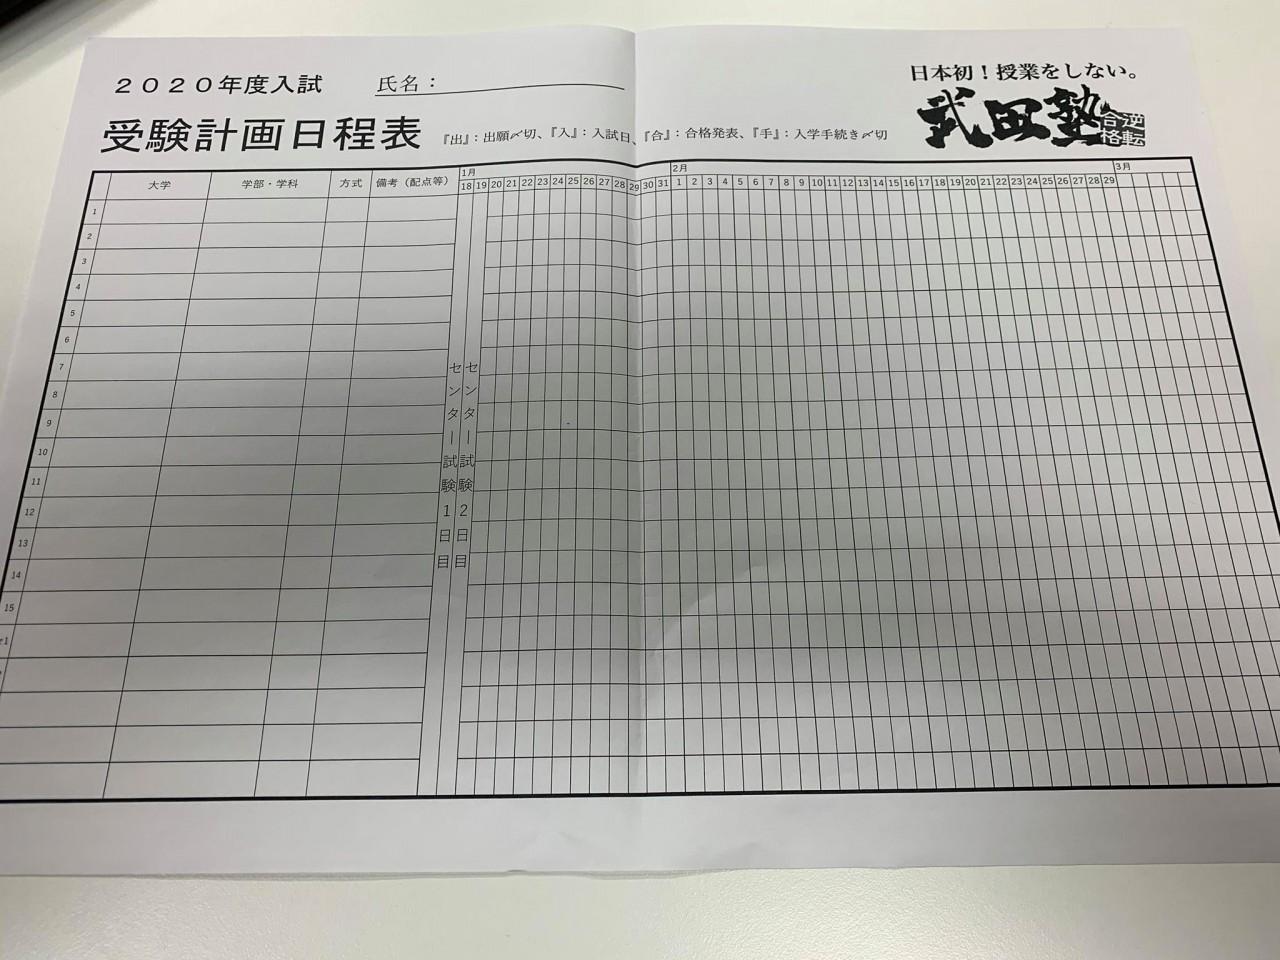 受験計画日程表